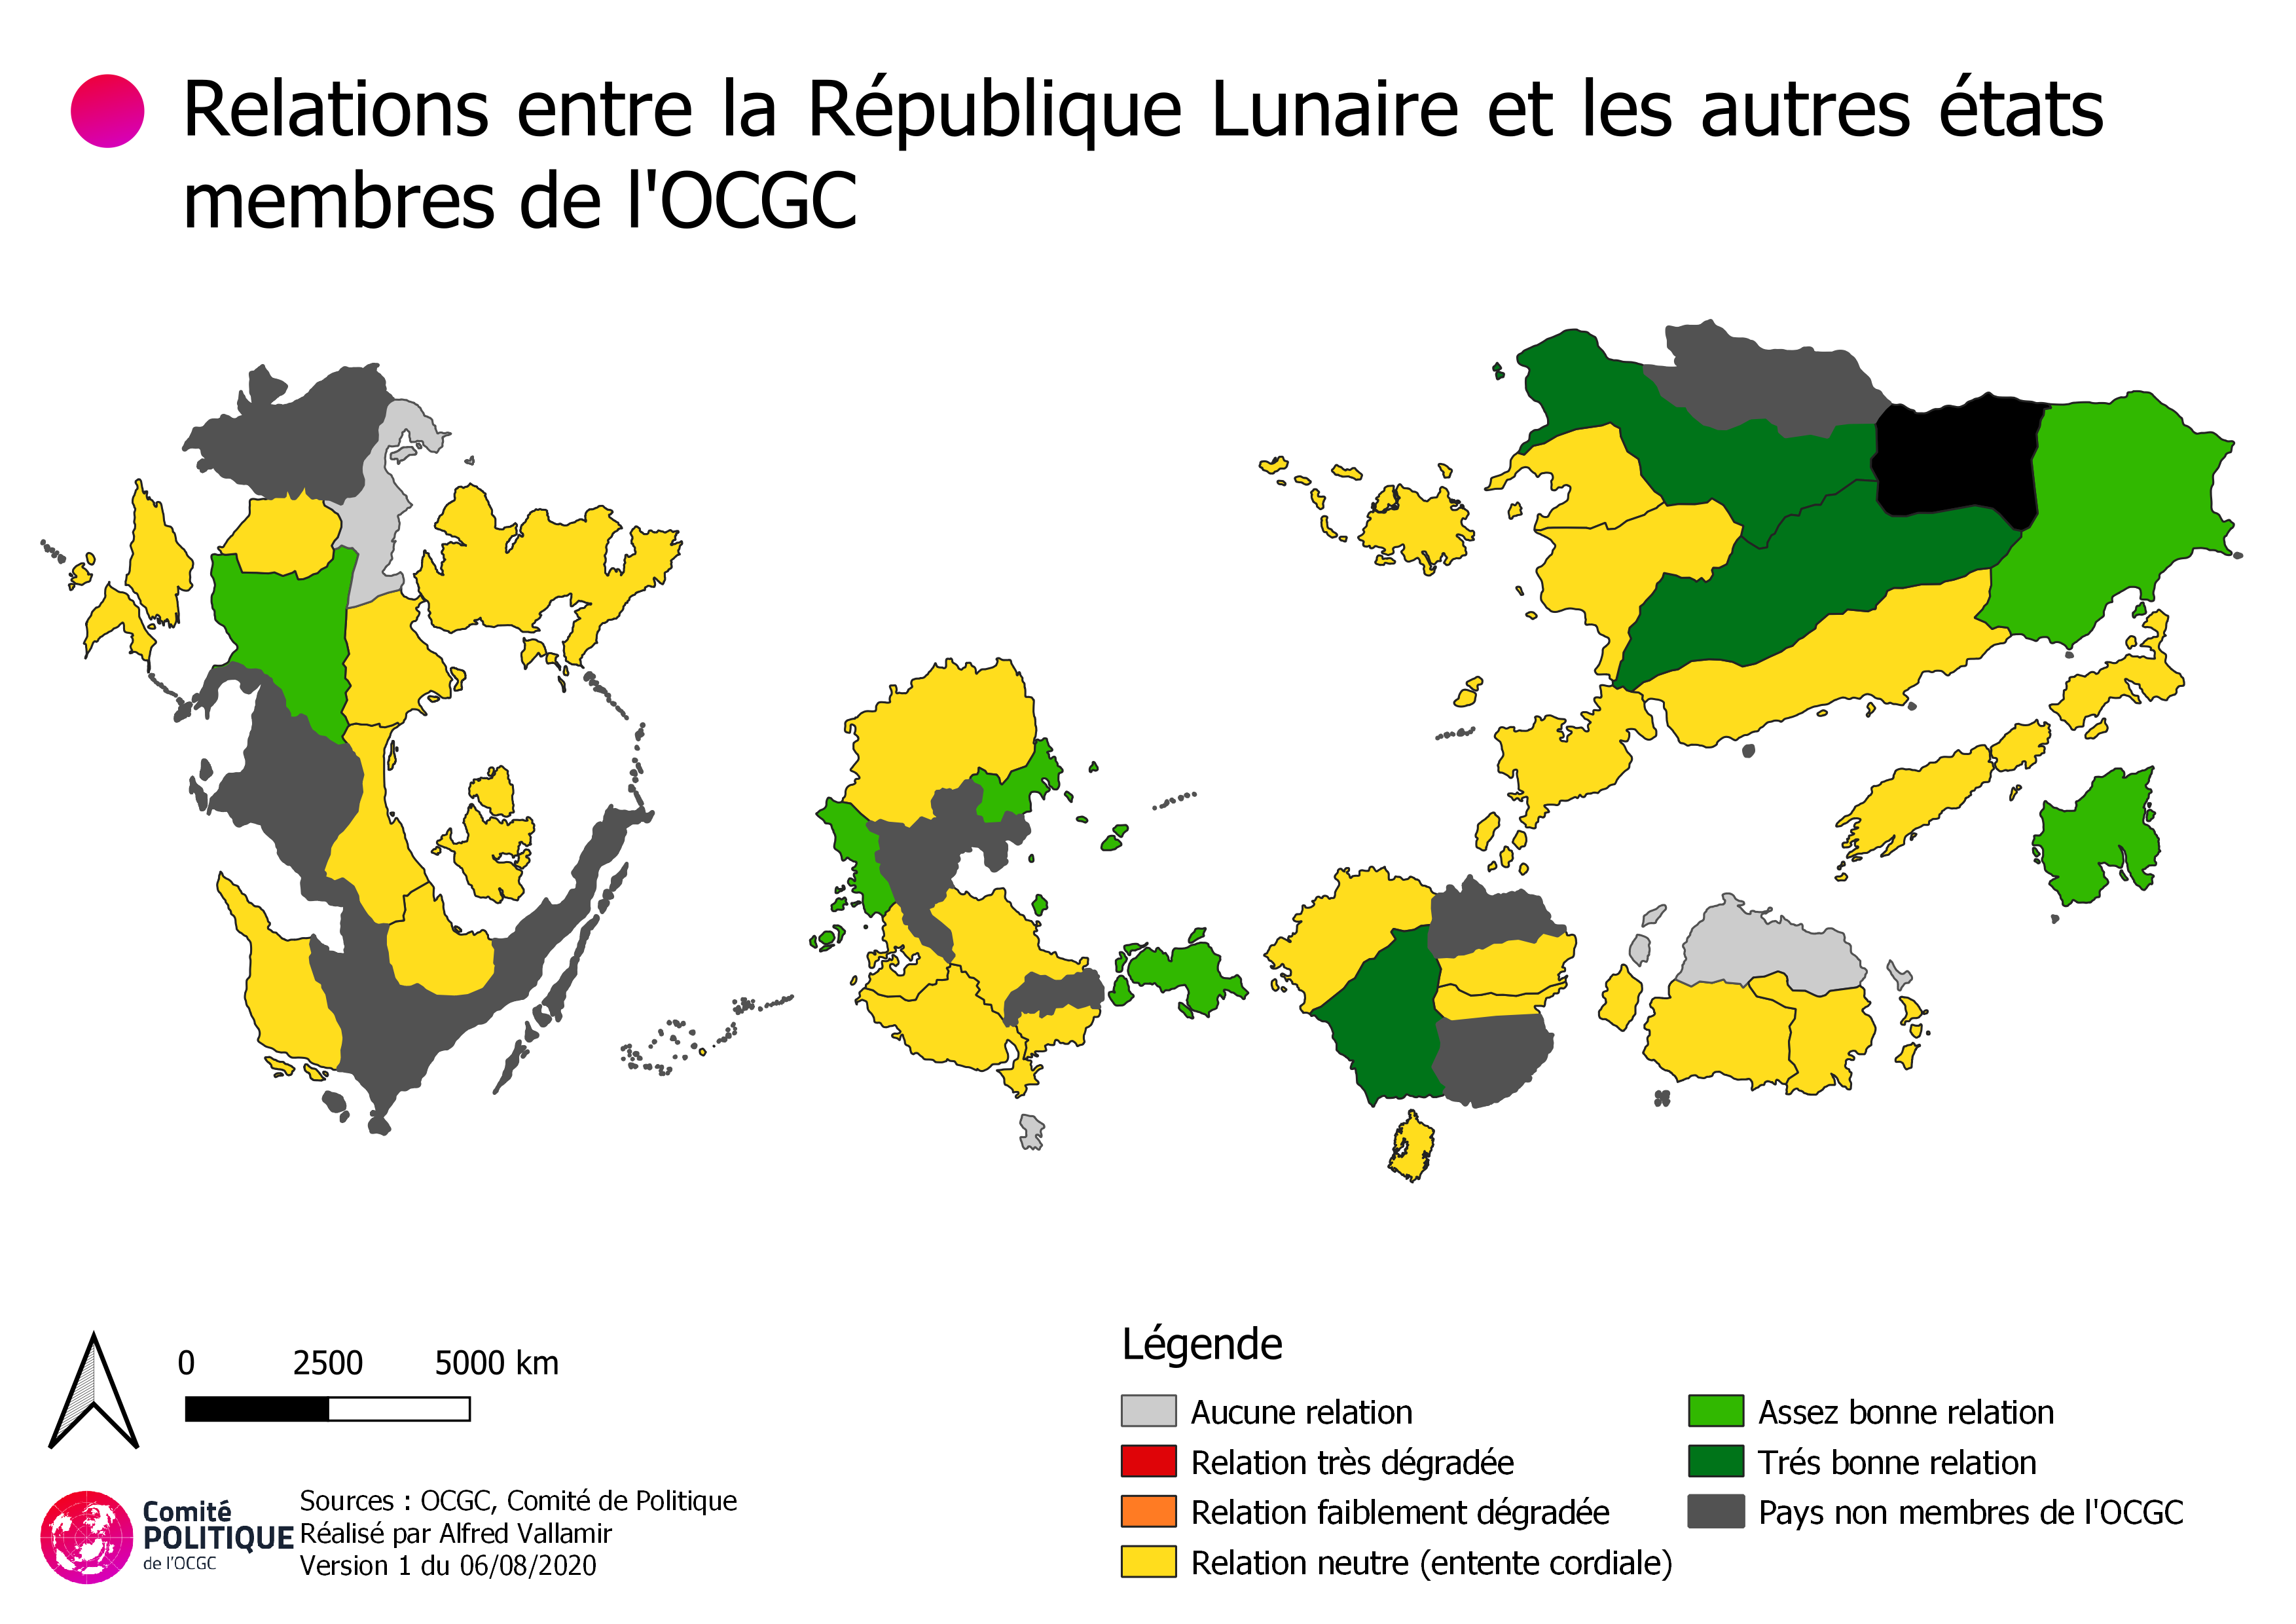 Atlas du comité de politique - L'édition 2021 disponible ! - Page 4 ComPol_Rel_Bil_Rep_Lunaire